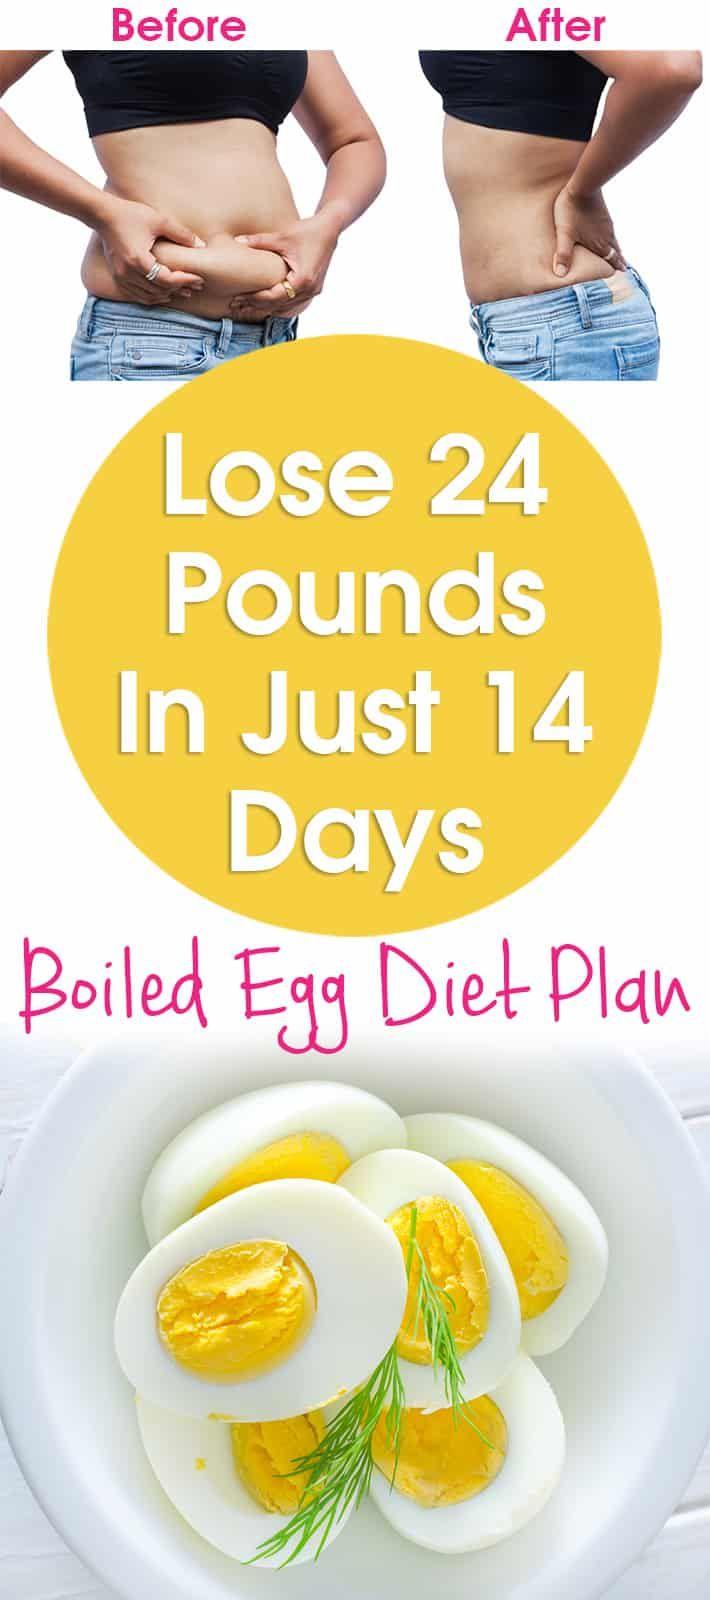 Photo of Verlieren Sie 24 Pfund in nur 14 Tagen – Plan für gekochte Eier 2 Wochen Plan